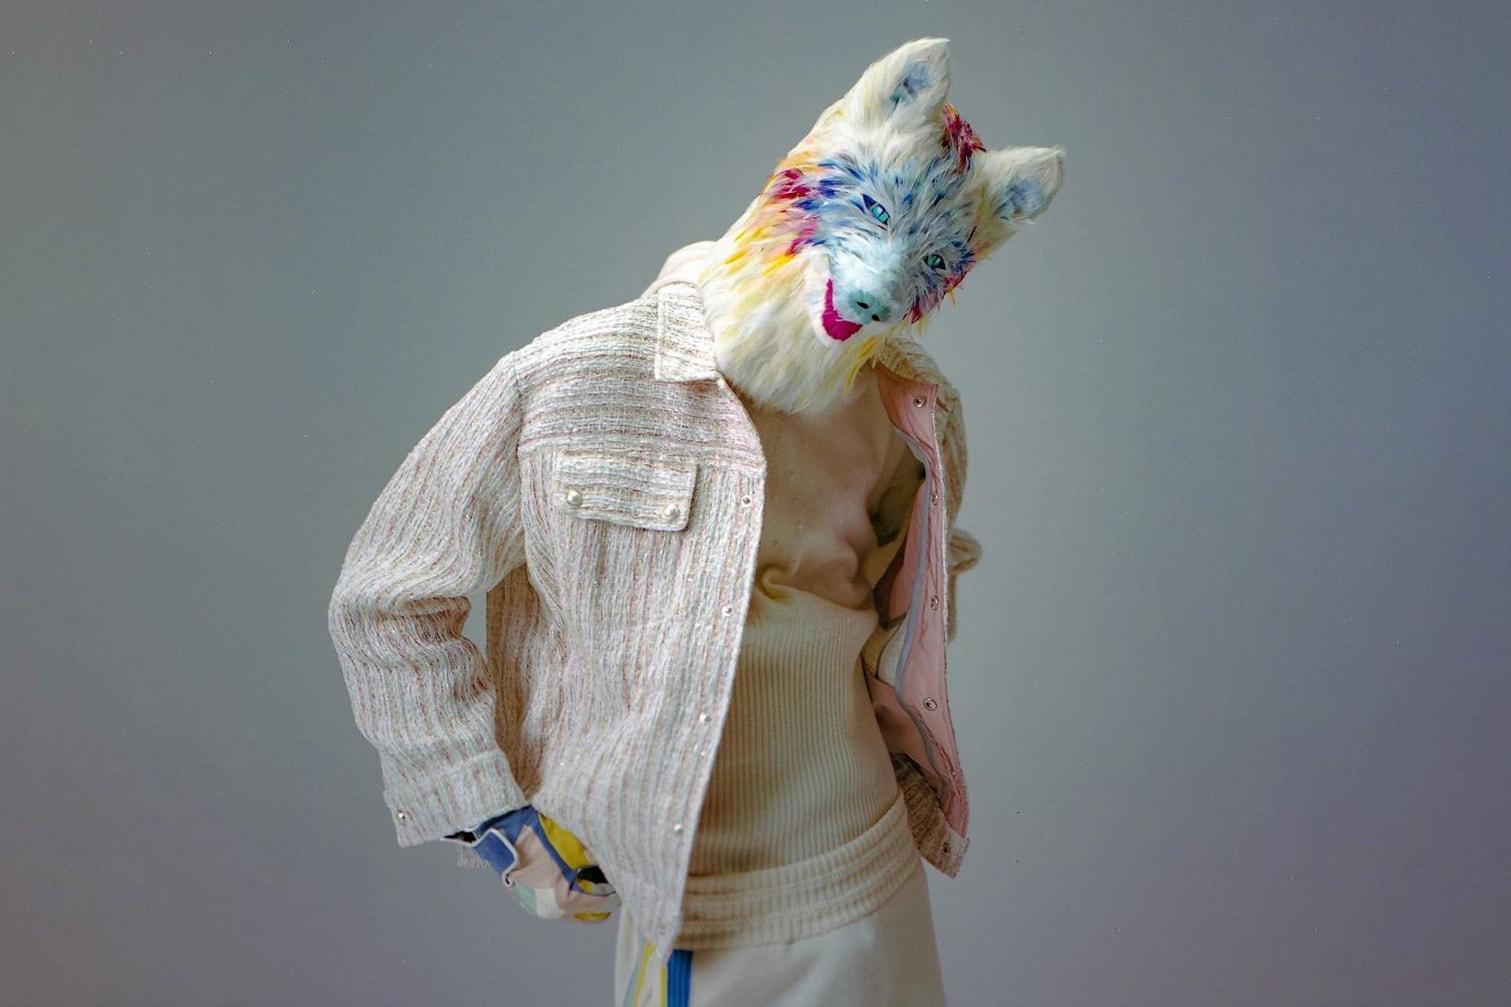 Pigalle 新系列致敬過去十年經典設計,盤點品牌史上的 5 大高光時刻